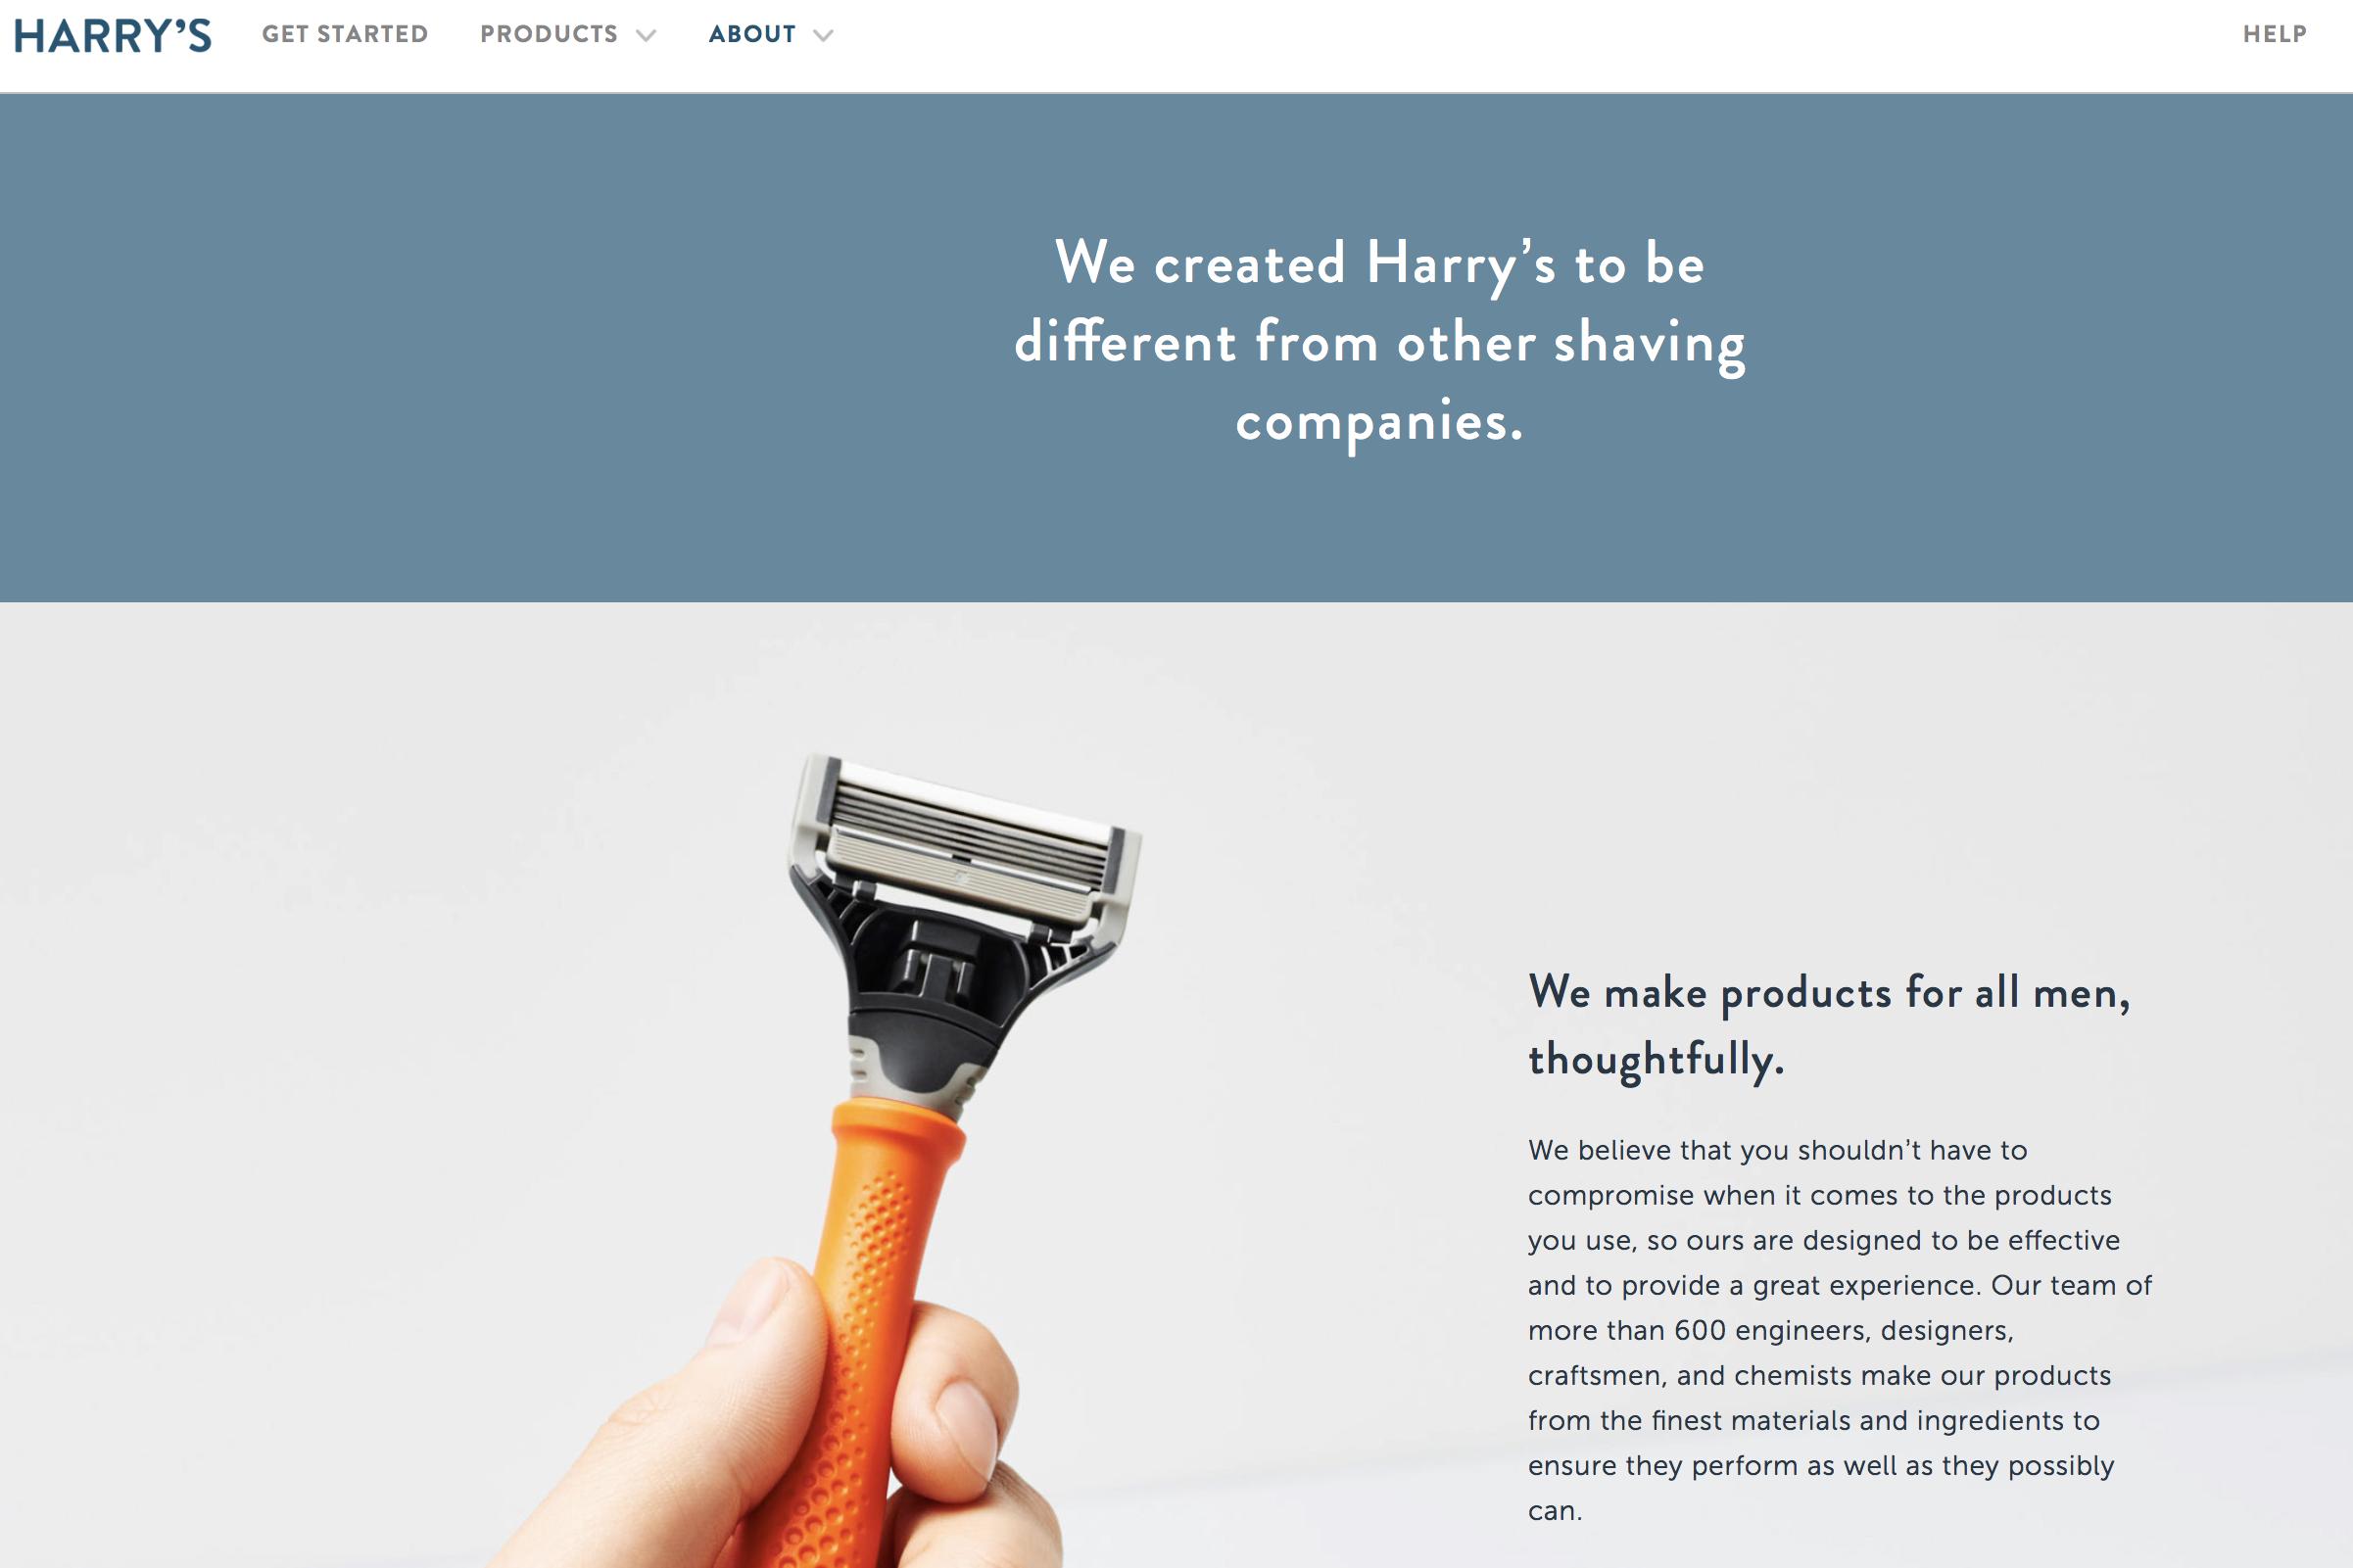 估值 13.7亿美元!创办6年的互联网剃刀及理容品牌 Harry's 被美国个护巨头 Edgewell收购